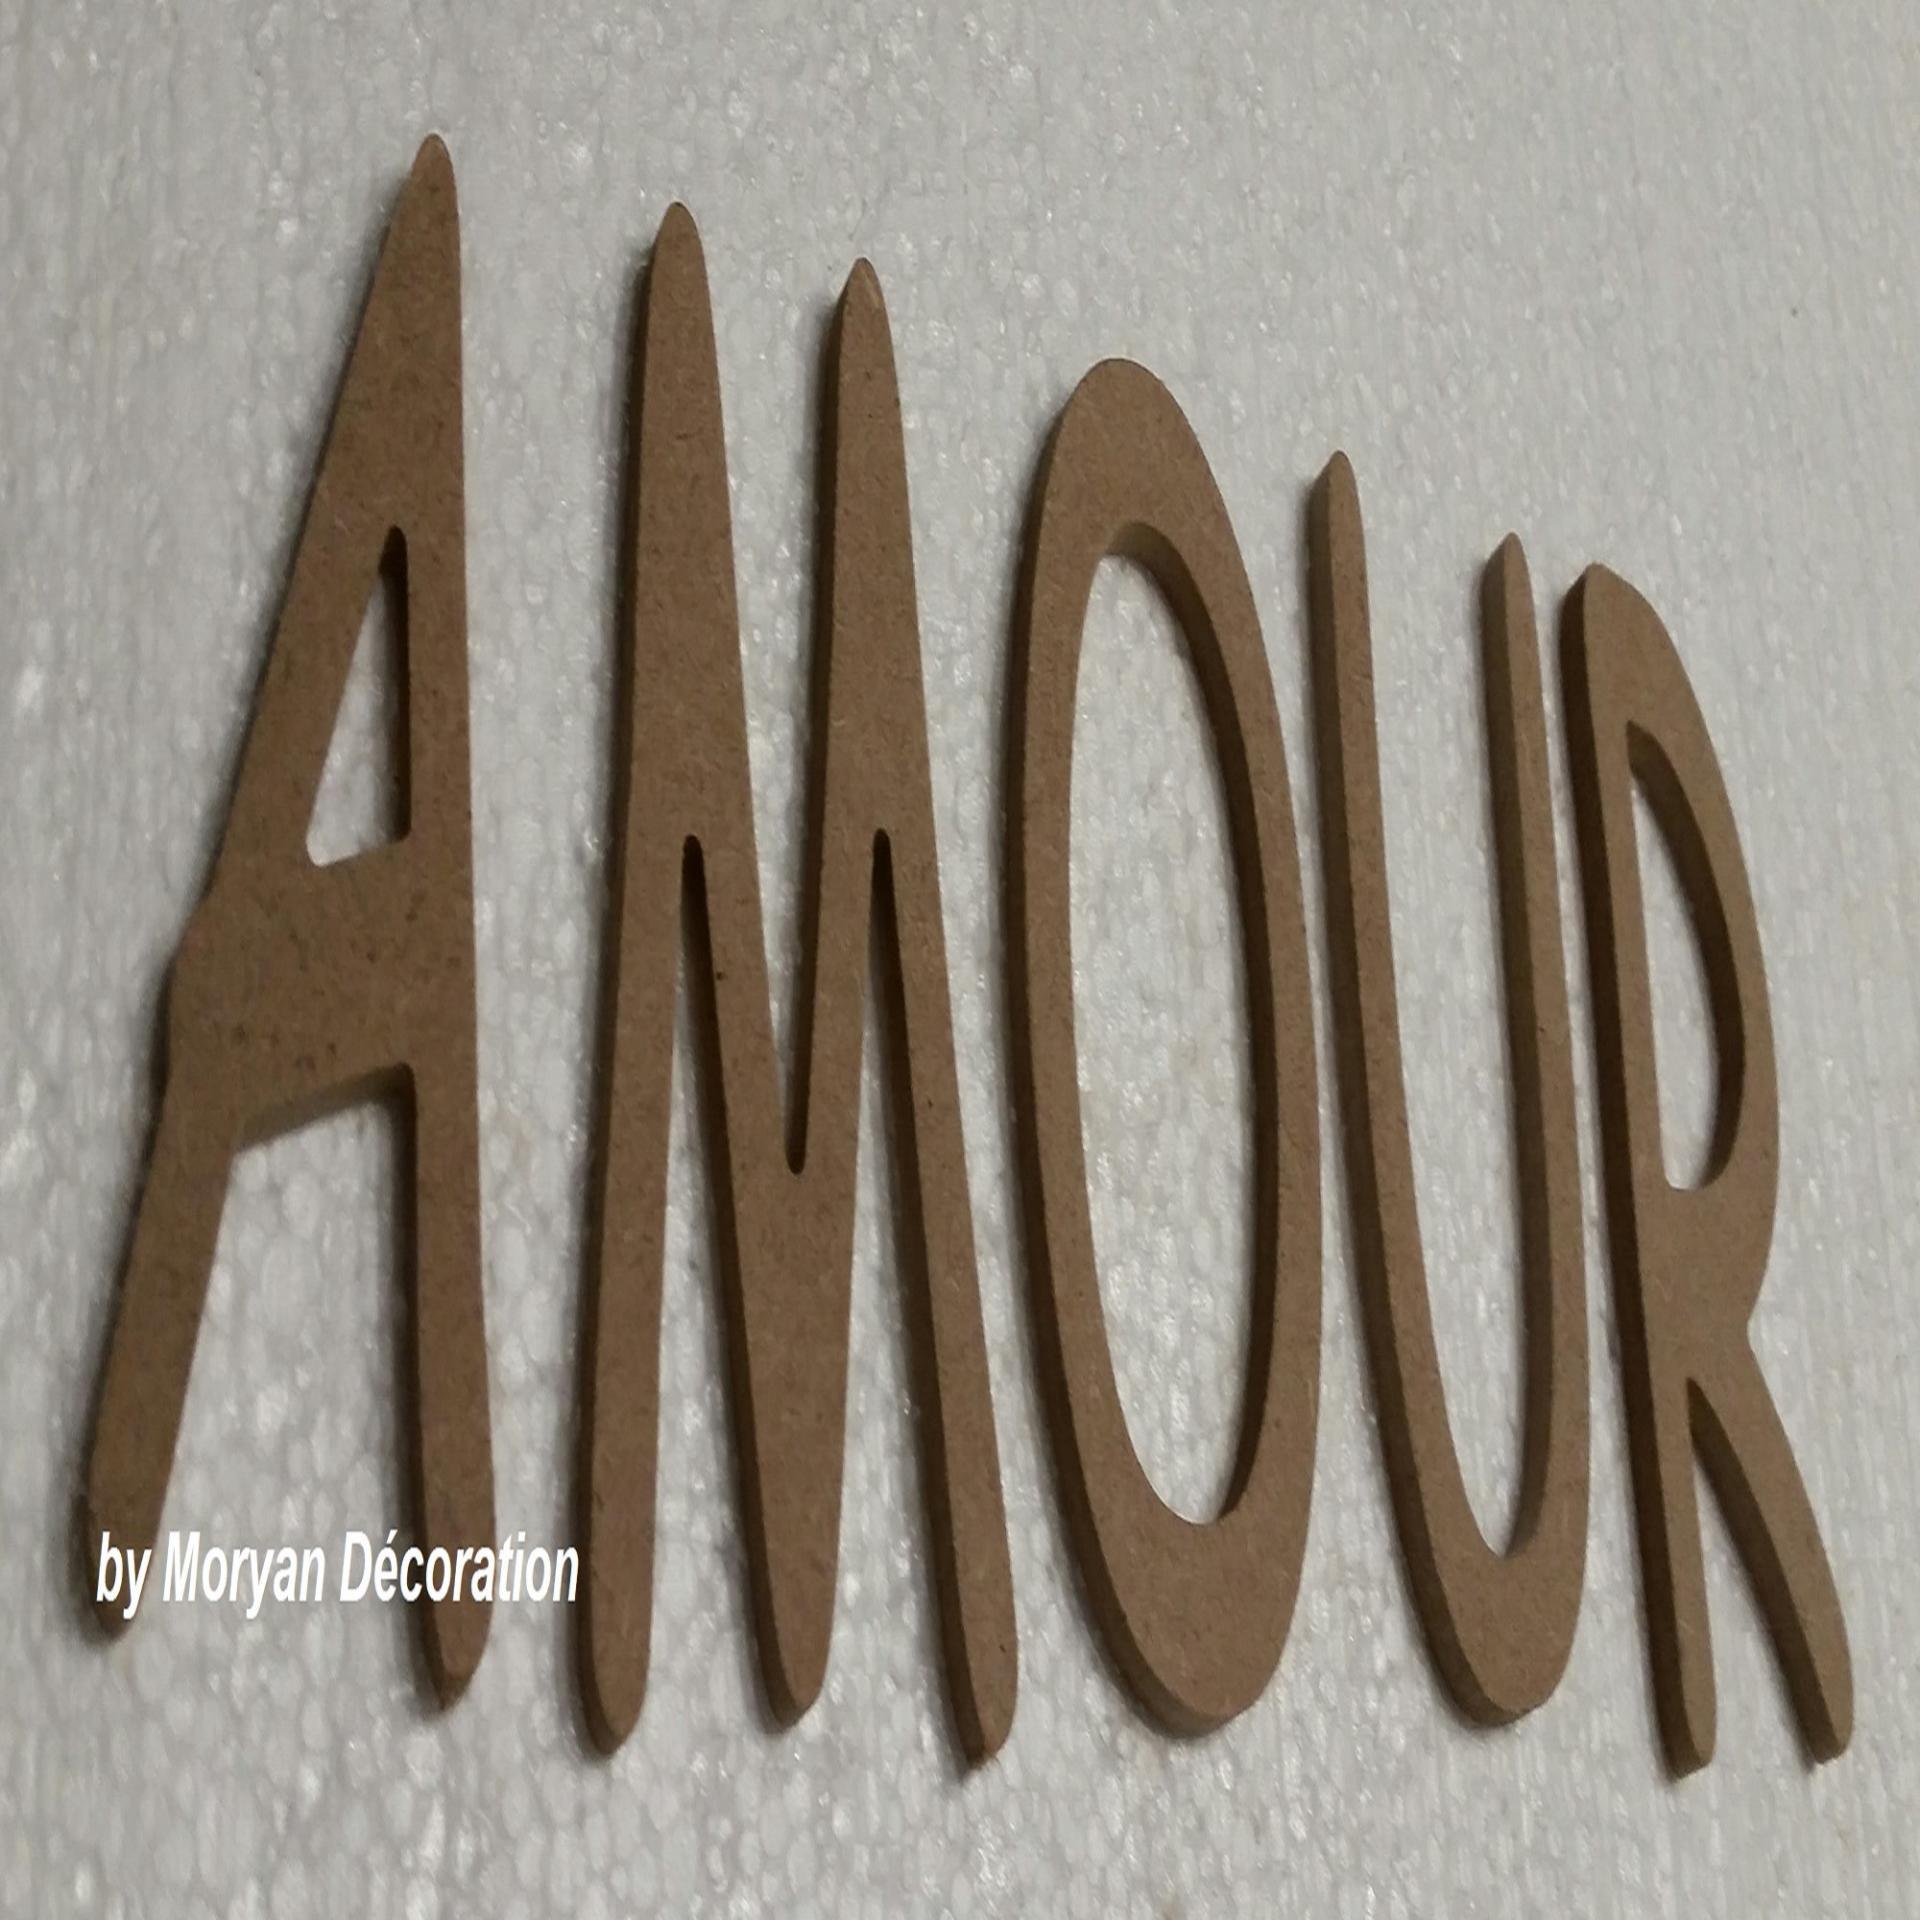 Lettres decoratives en bois a peindre ou a decorer amour